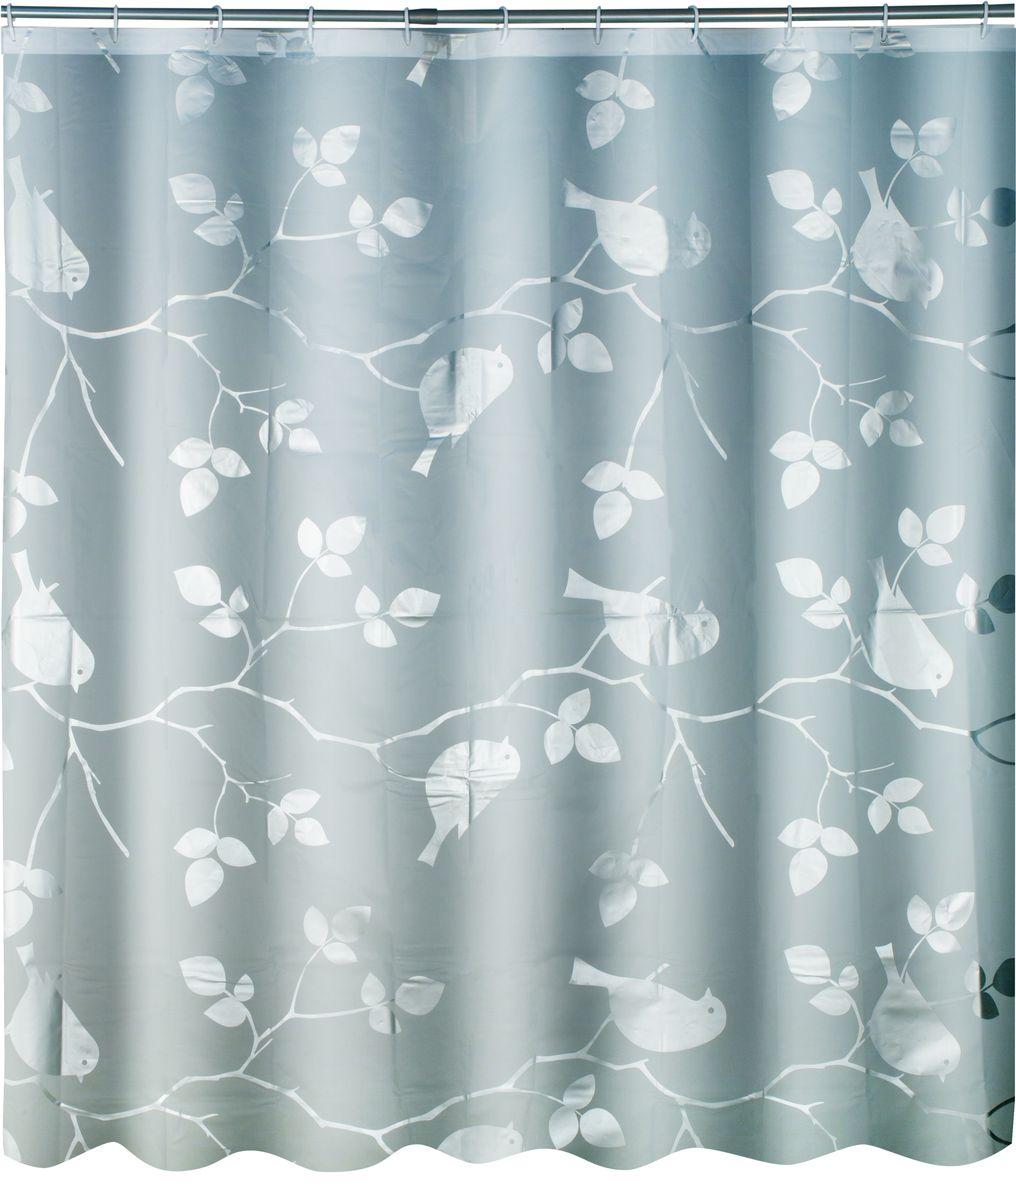 Штора для ванной Swensa Birds, цвет: серый, 180 х 180 смSWC-50-02Штора выполненна из такого материала как ПЕВА и EVA (вспененный этиленвинилацетат) и оформлена оригинальным рисунком. Она надежно защитит от брызг и капель пространство вашей ванной комнаты в то время, пока вы принимаете душ. В верхней кромке шторы предусмотрены отверстия для пластиковых колец, которые входят в комплект. Количество колец: 12 шт.